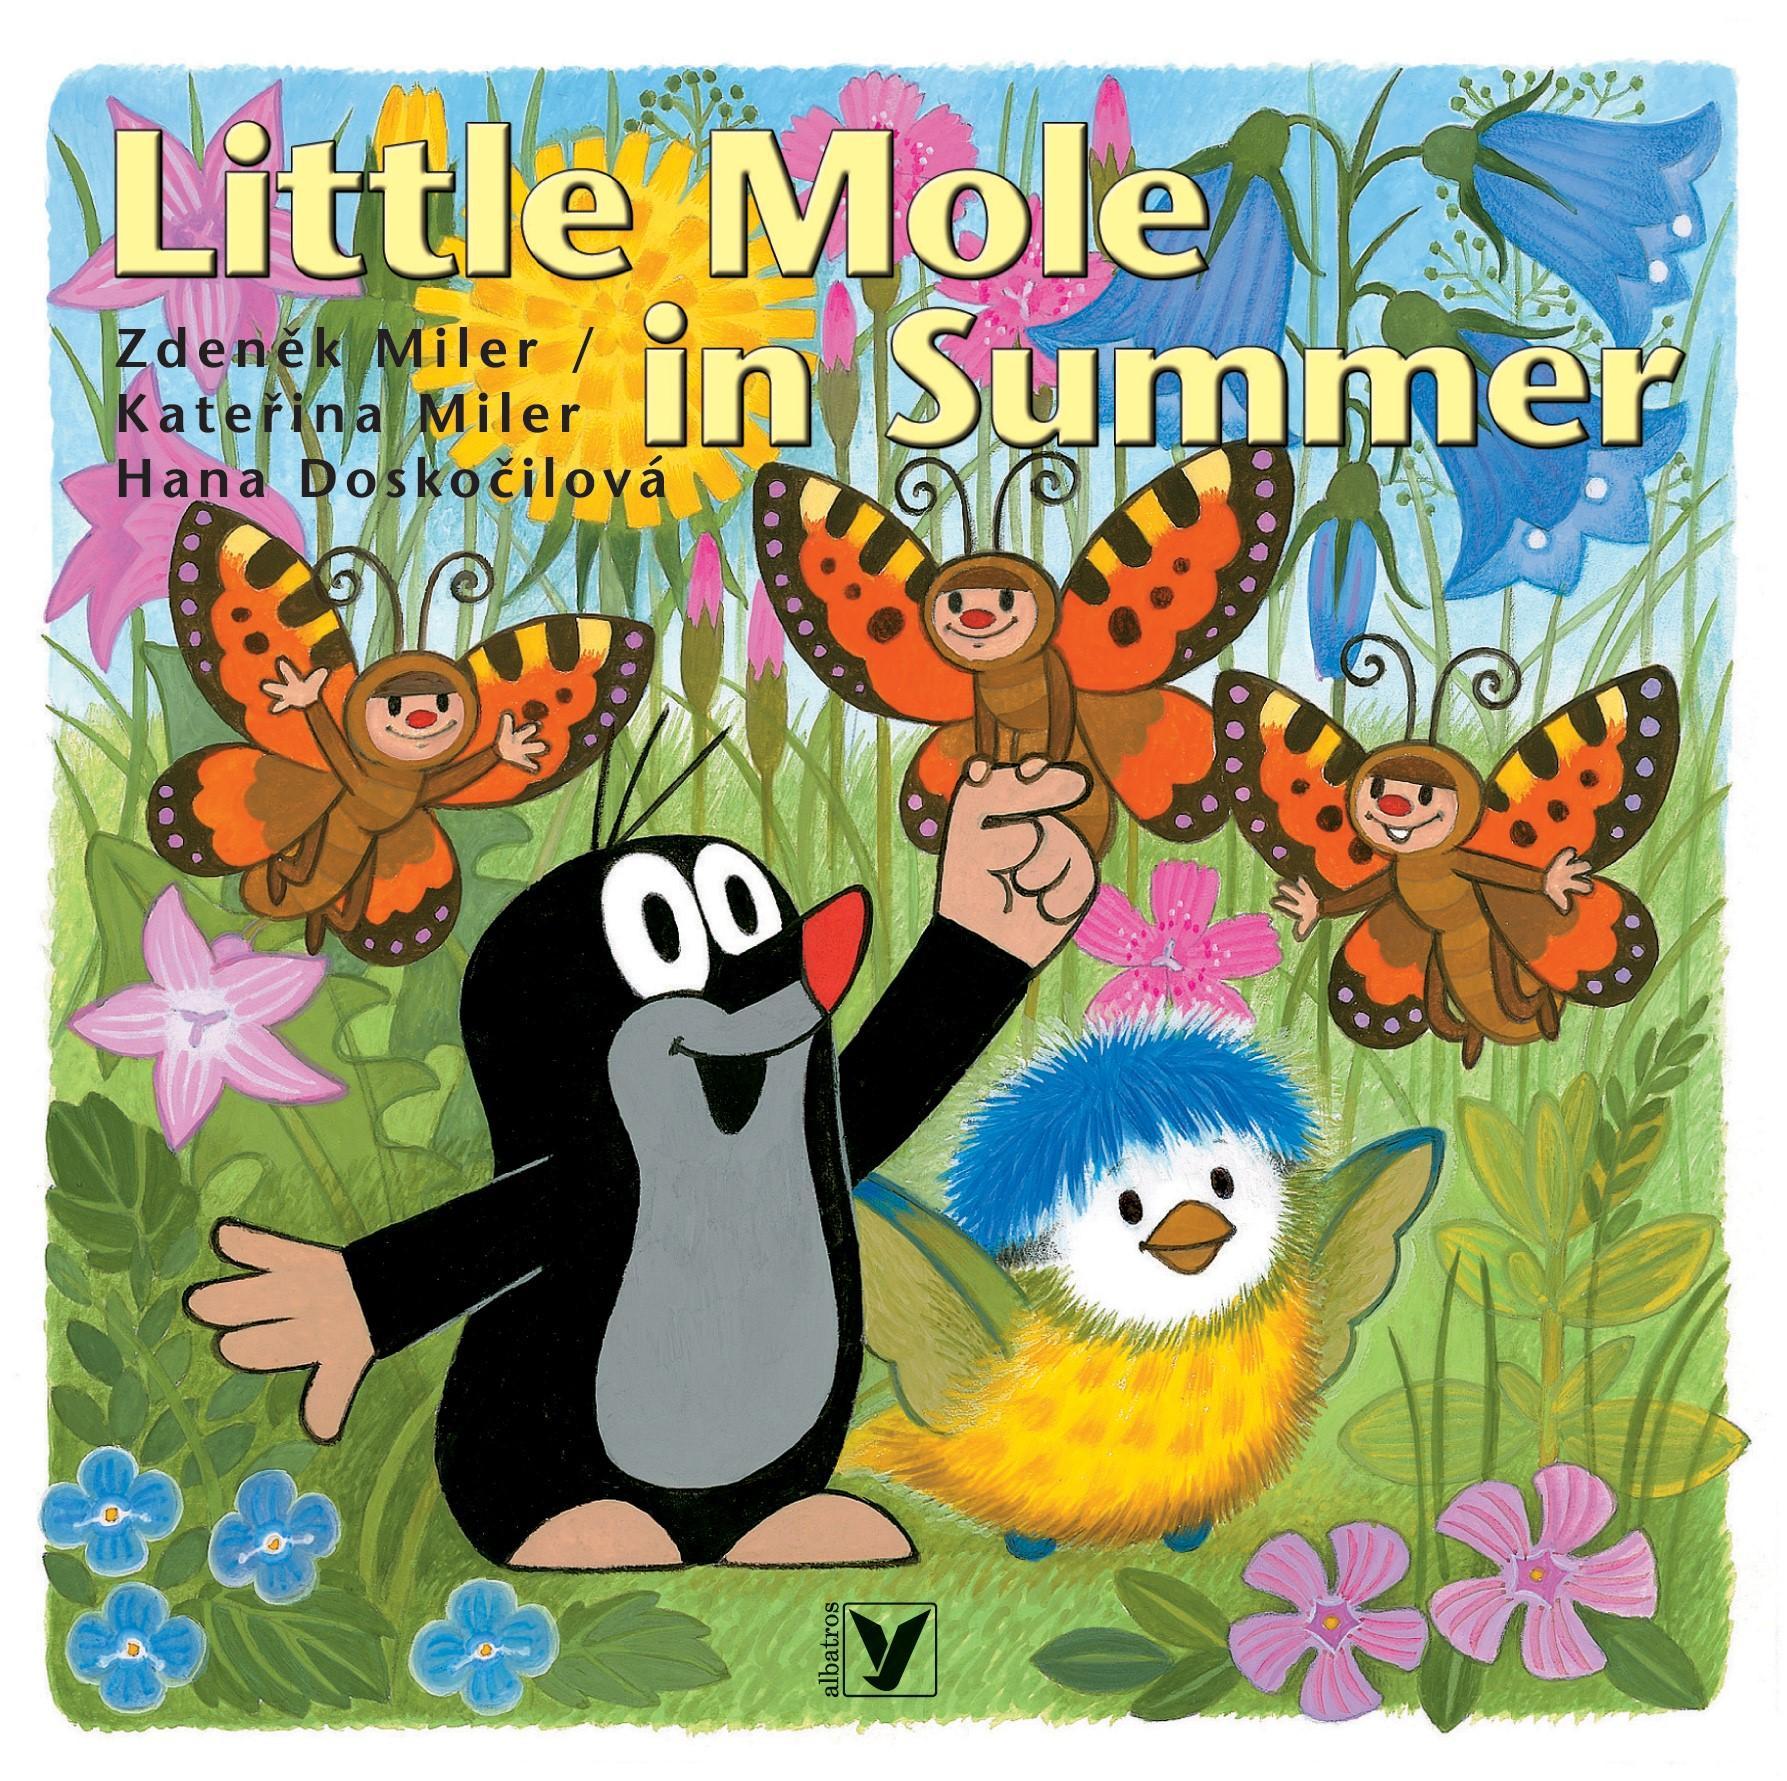 LITTLE MOLE IN SUMMER